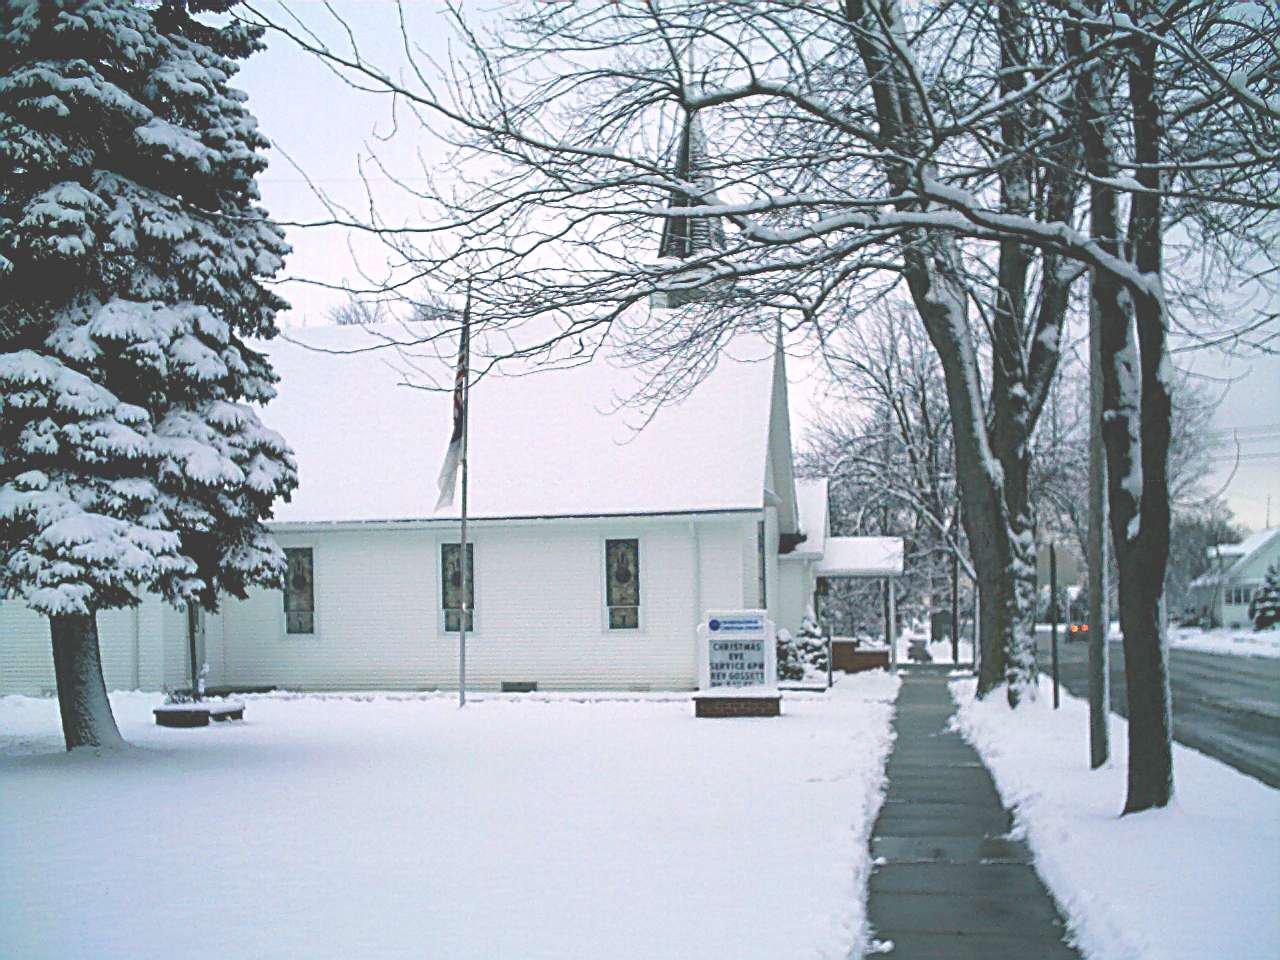 Merrill Congregational Christian Church